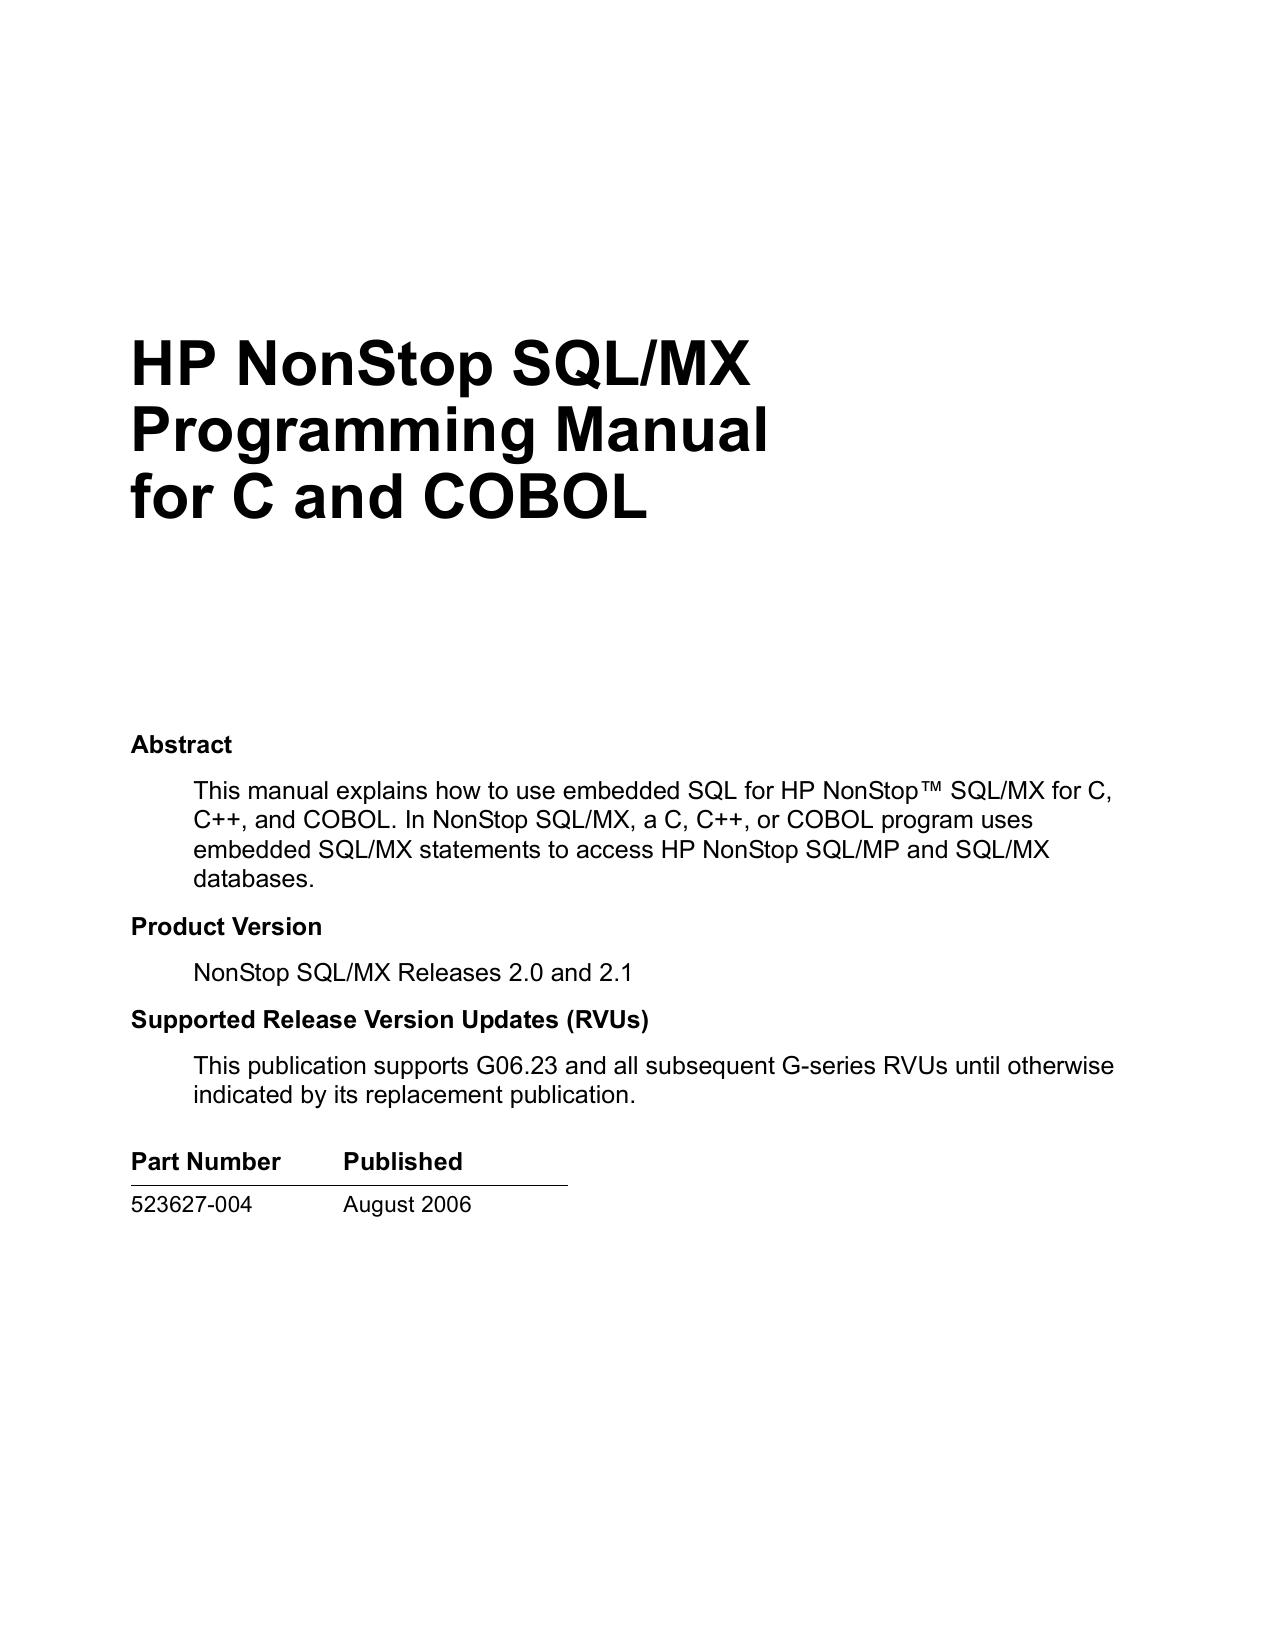 array nonstop soap user s manual manualzz com rh manualzz Array - hp  nonstop tandem manuals rh hp nonstop tandem manuals zettadata solutions